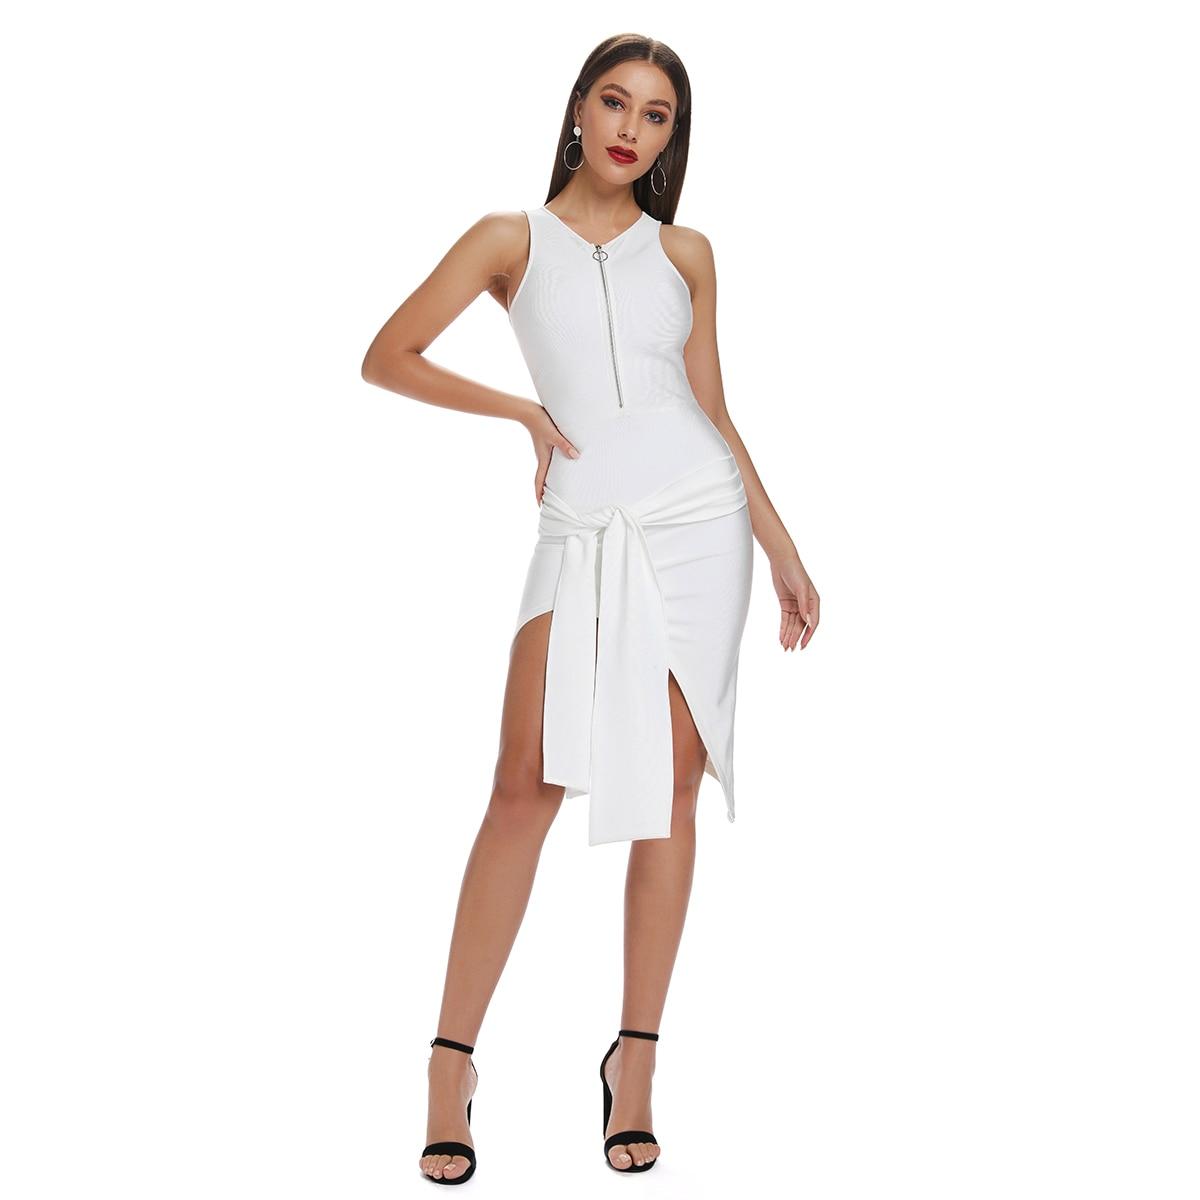 2019 nuevo vestido de rodilla de vendaje Midi de cuello redondo Mujer manga sólida Bodycon Club de fiesta de cintura con cremallera Vestidos al por mayor